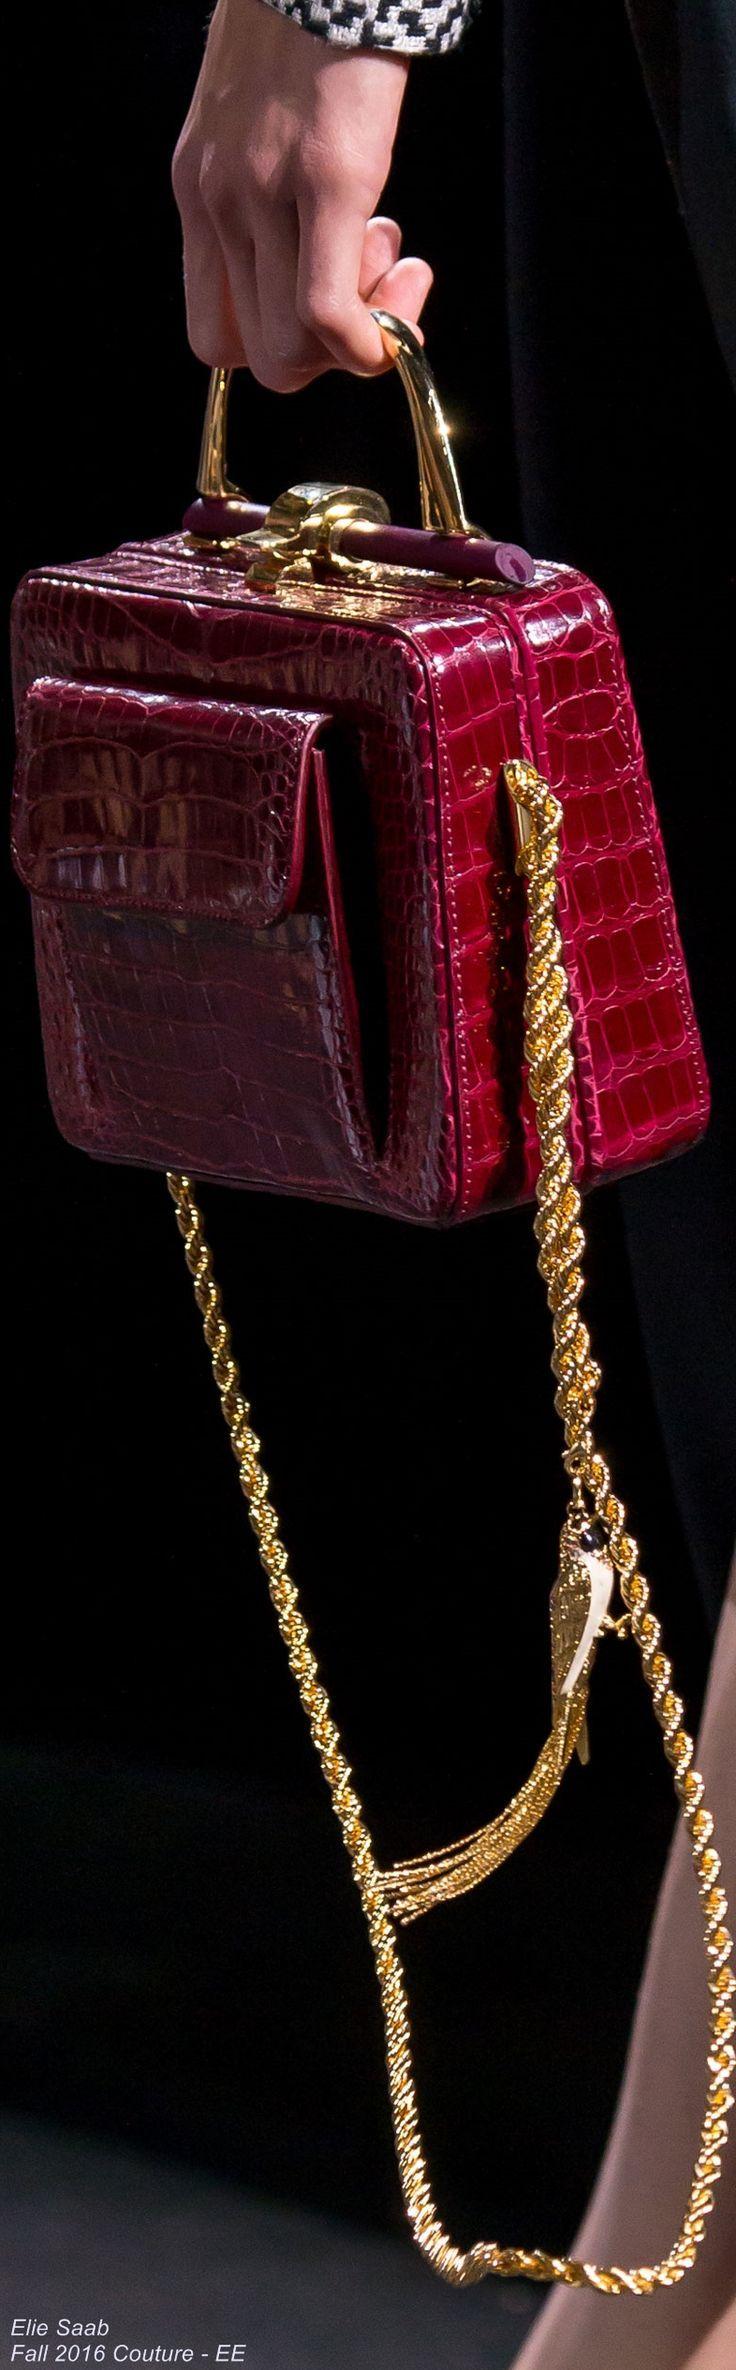 Elie Saab Fall 2016 Couture - EE - cheap handbags online, small black handbag, big handbags online *ad